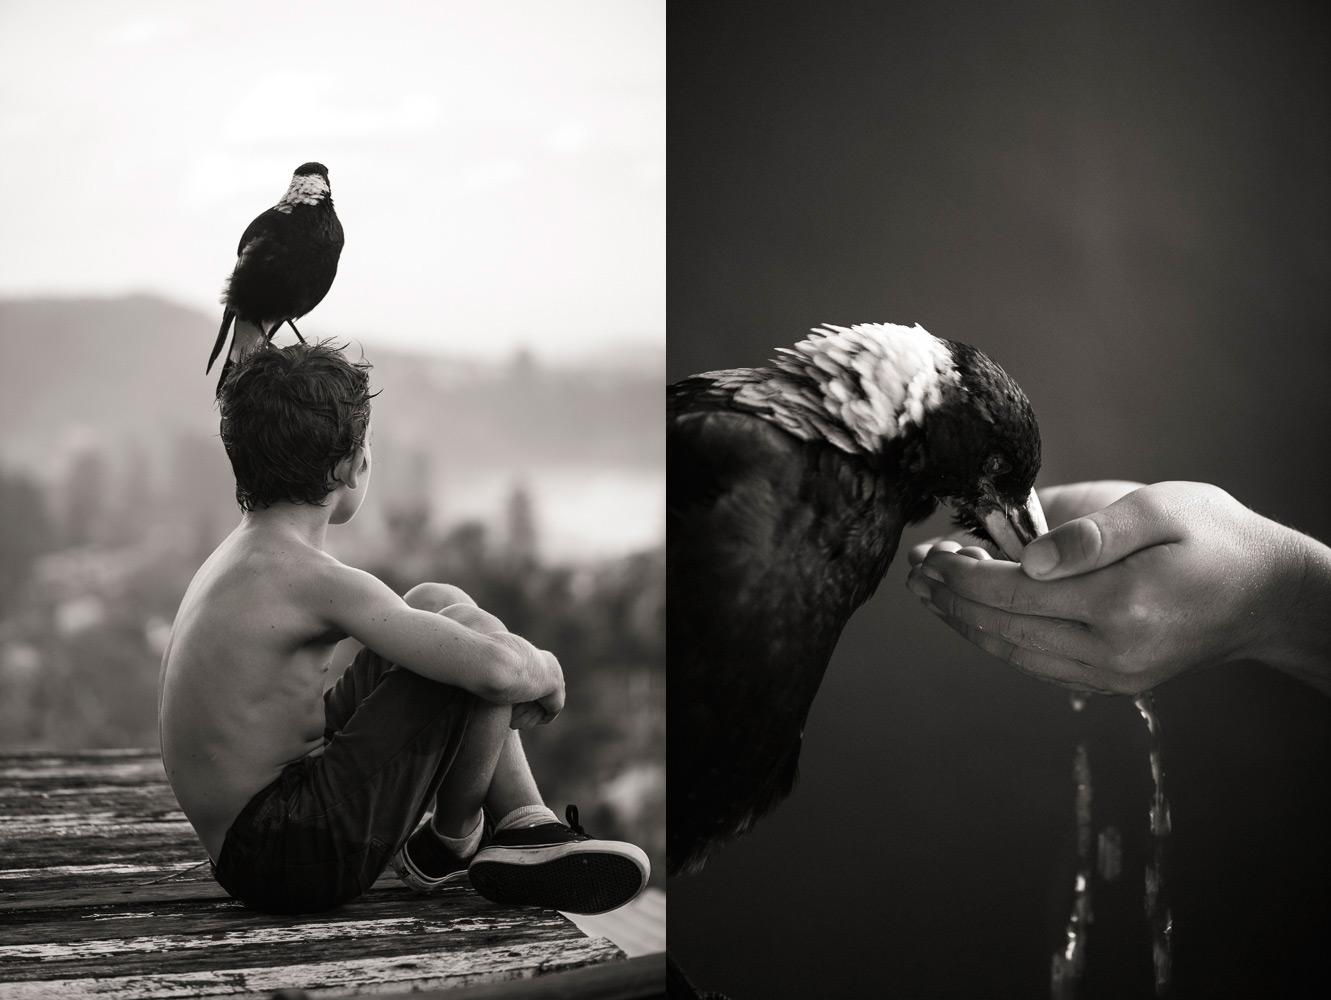 любят картинки про птиц и людей таким ответственным